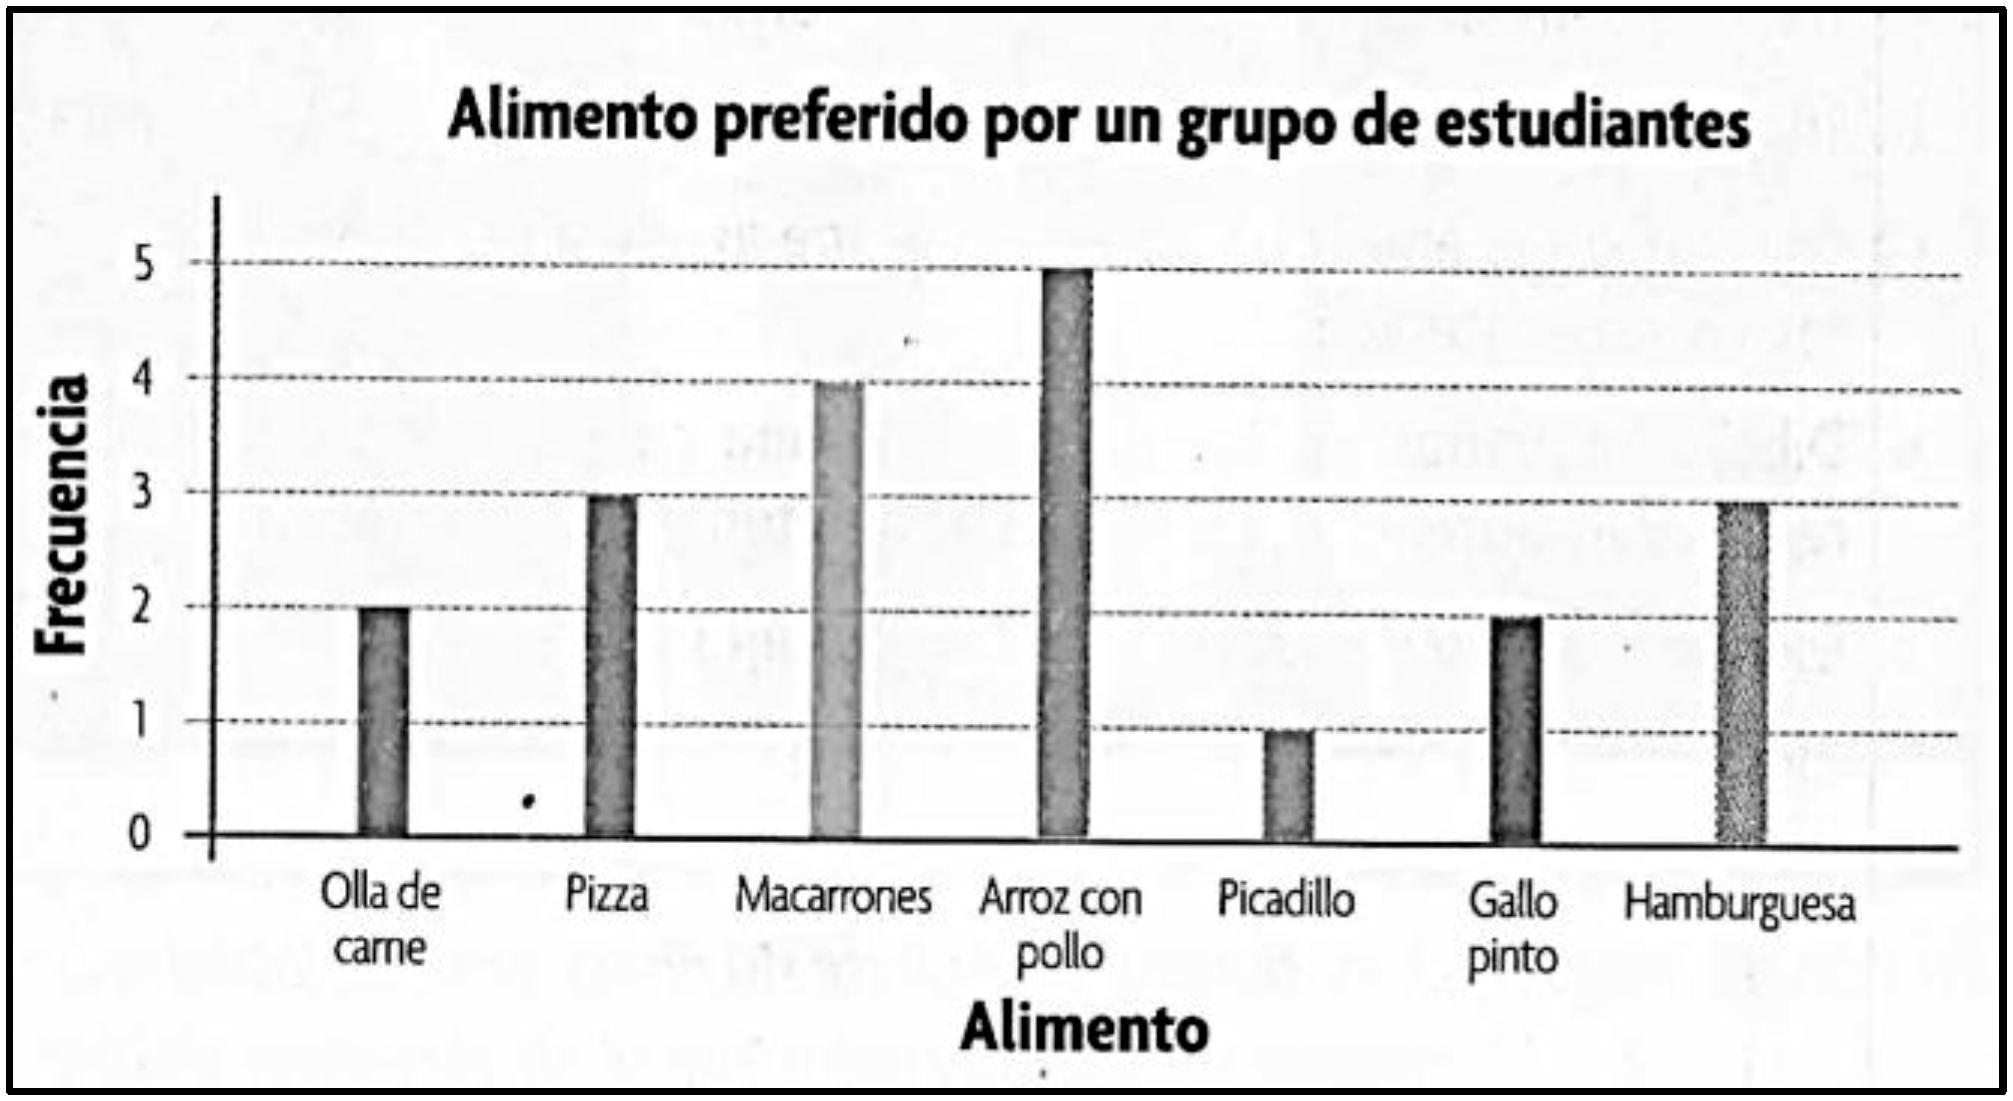 Scielo Brasil Los Gráficos Estadísticos En Los Libros De Texto De Educación Primaria En Costa Rica Los Gráficos Estadísticos En Los Libros De Texto De Educación Primaria En Costa Rica